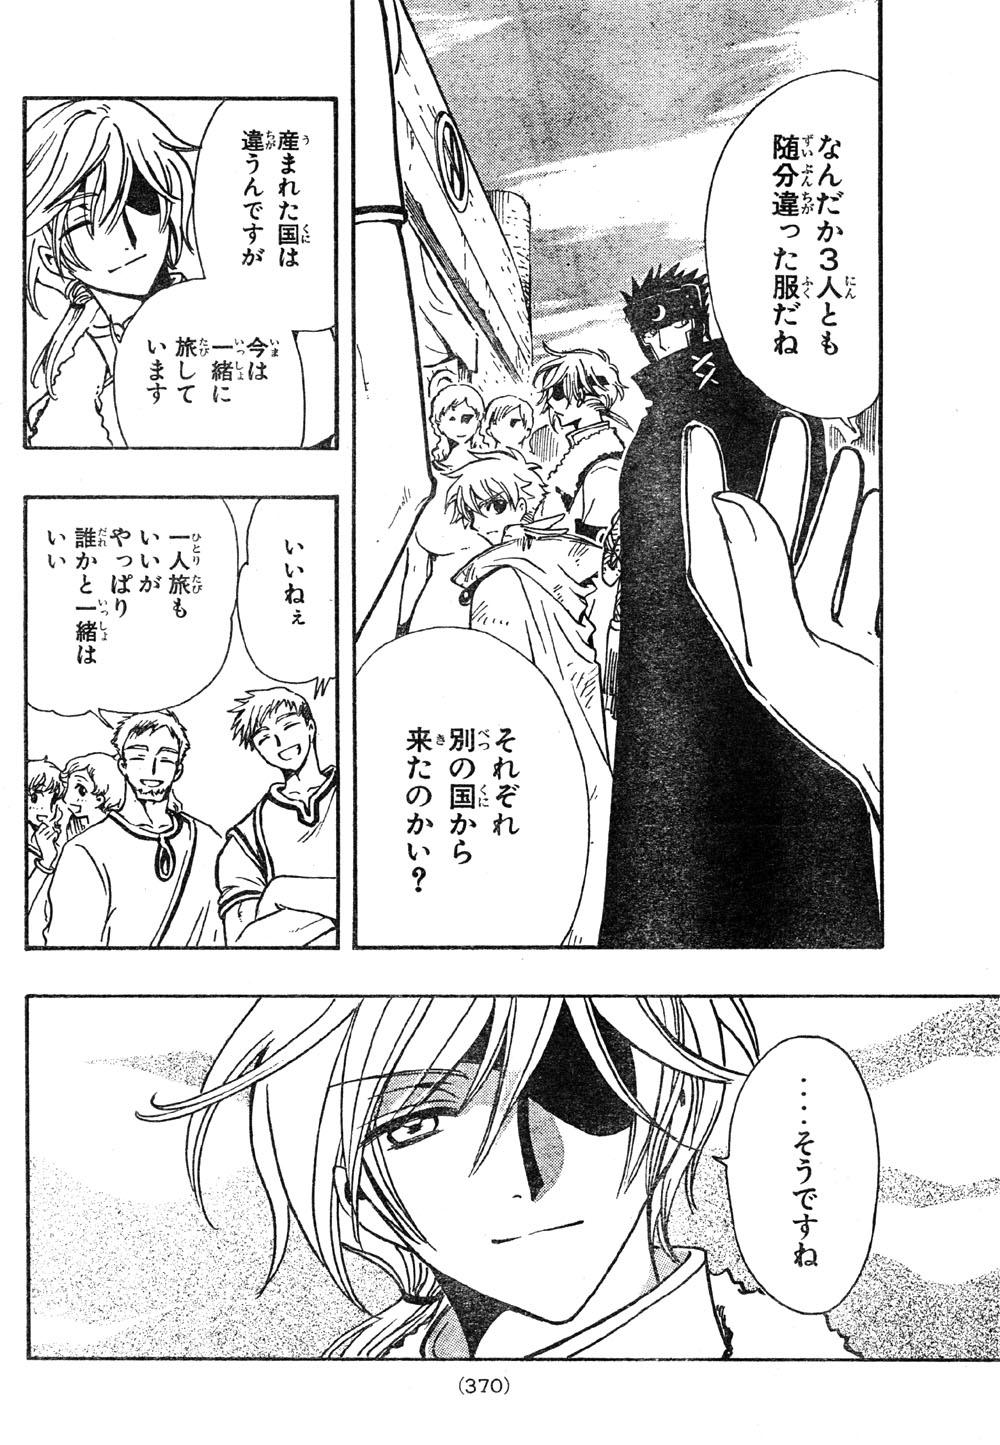 [漫畫] TSUBASA 184